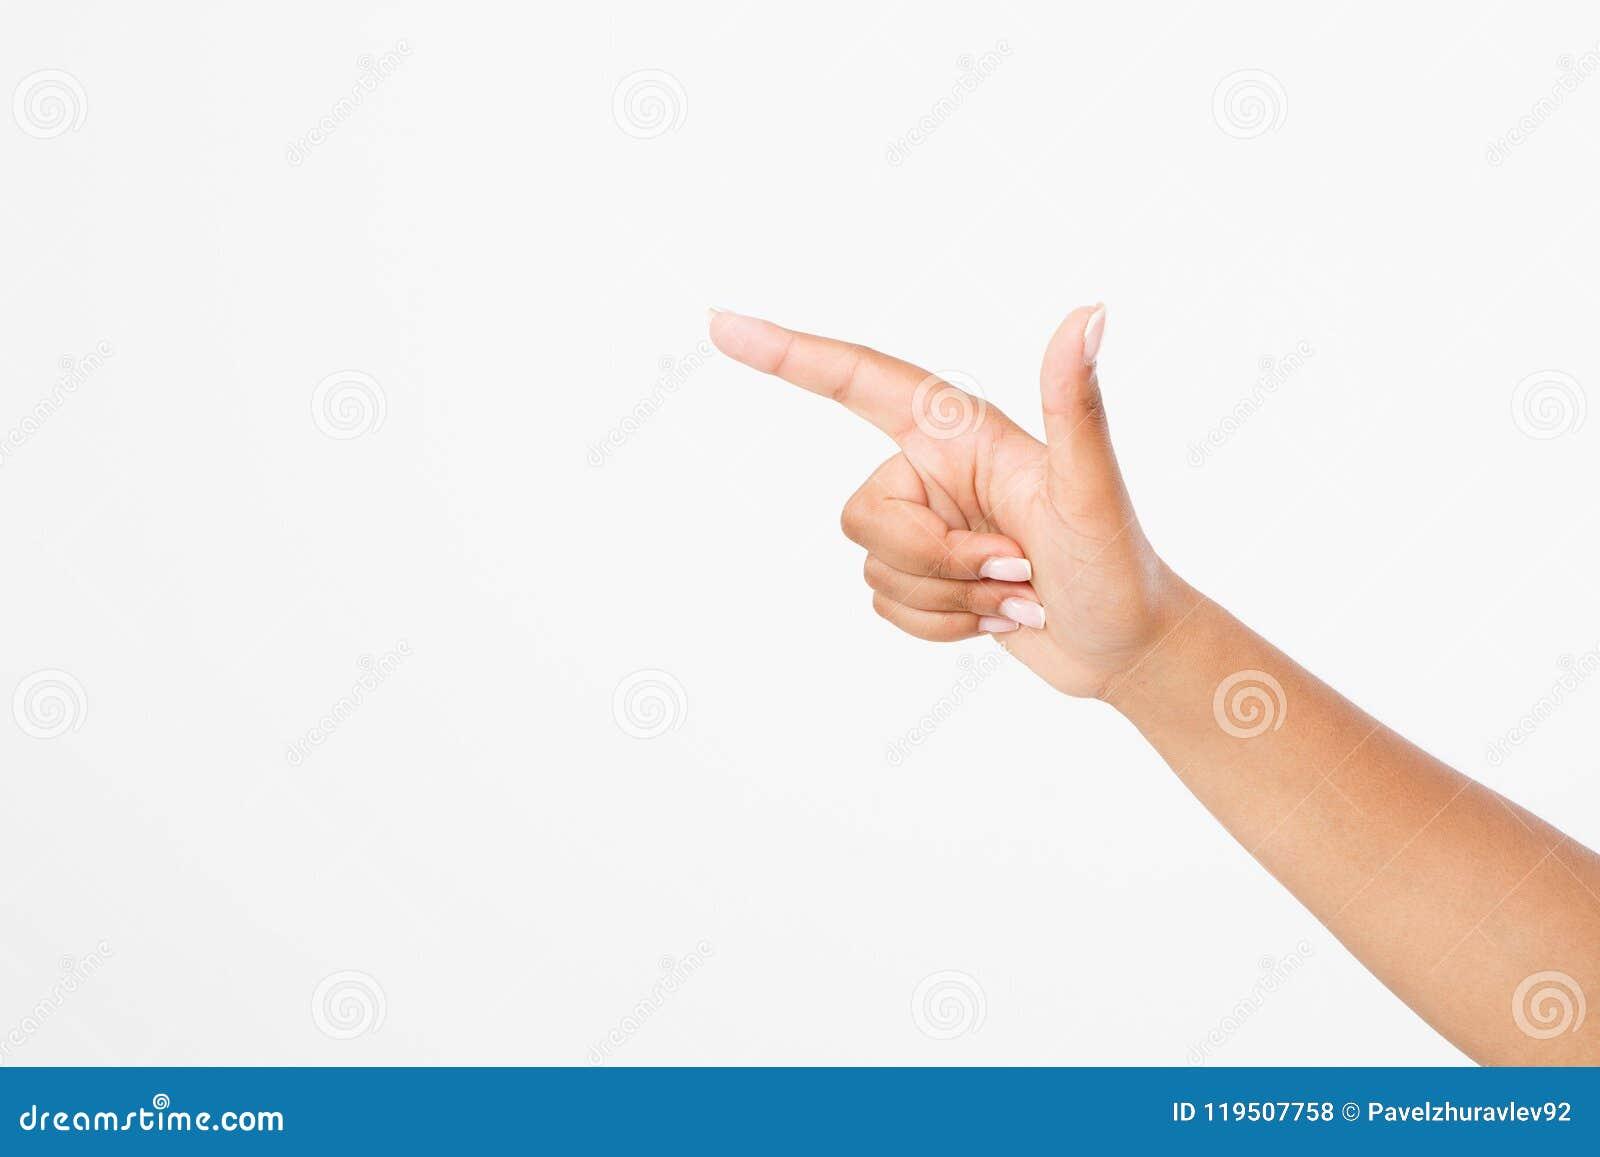 Fundo branco isolado ponto do dedo mão afro-americana Zombaria acima Copie o espaço molde blank